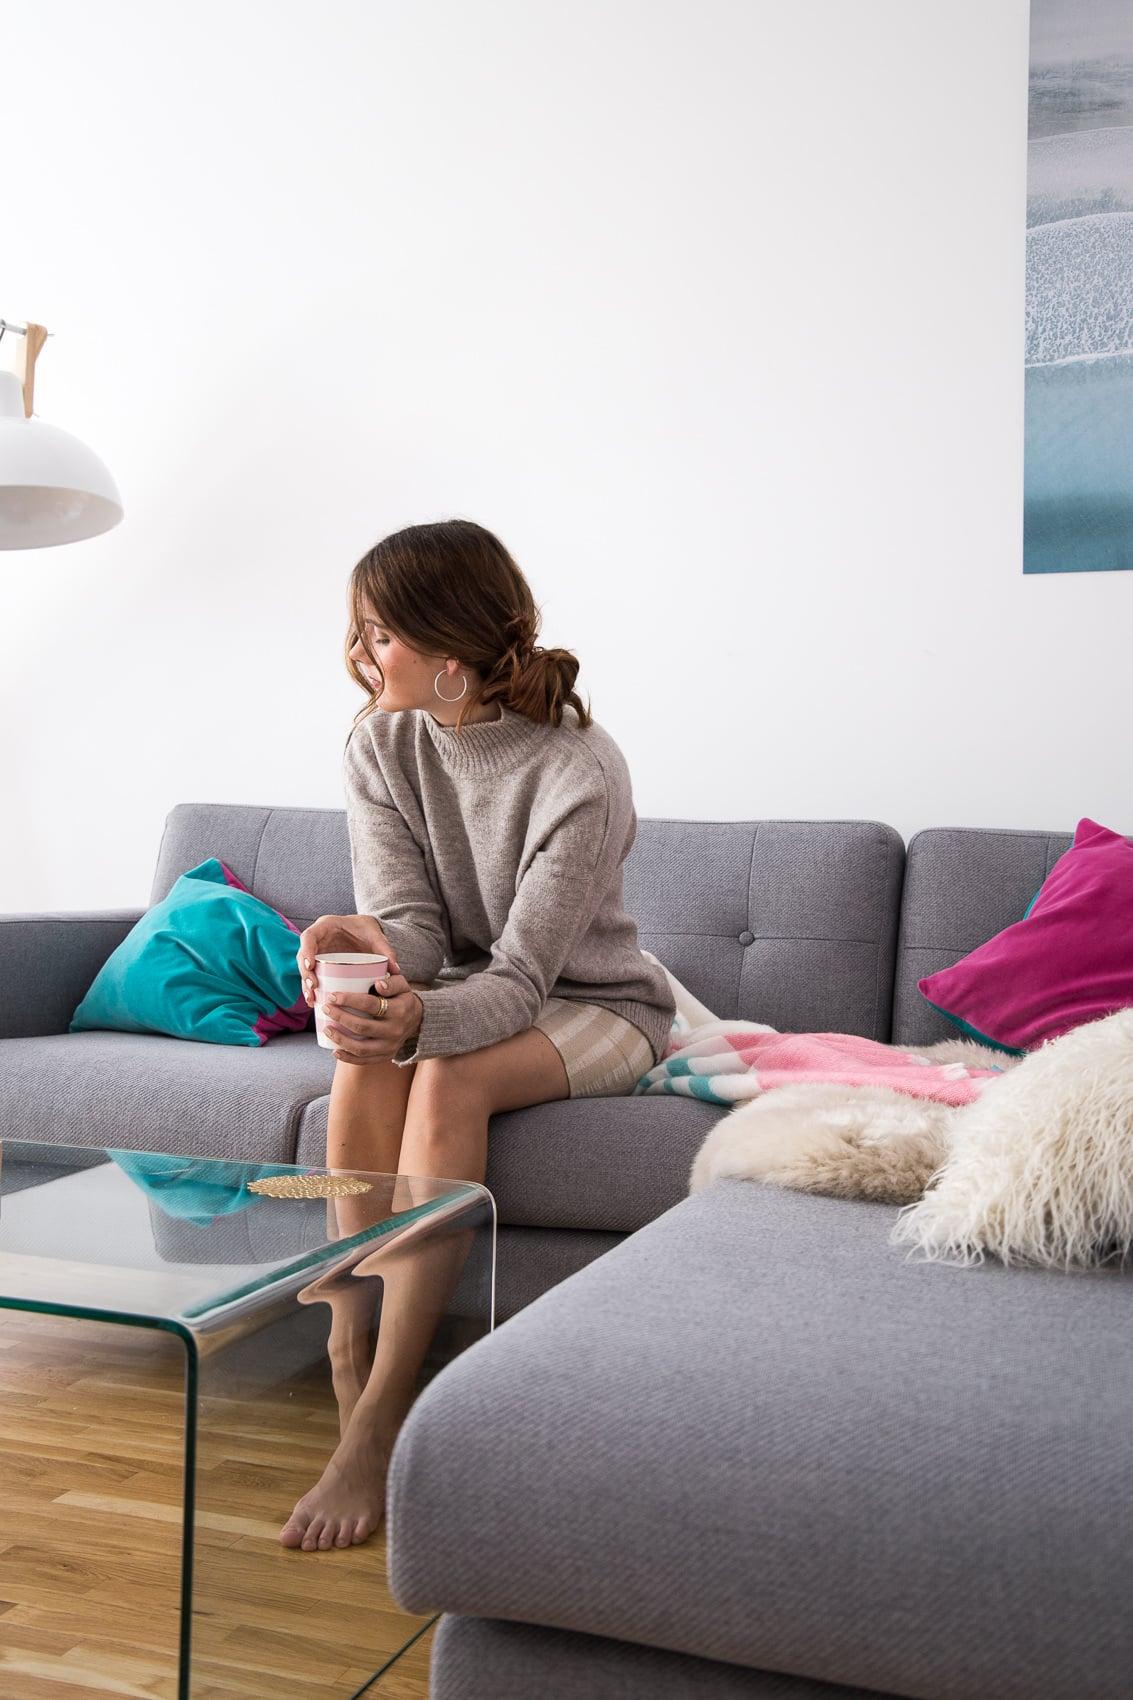 wohnzimmer interior neues sofa von sofa pany einrichtungstipps blog des belles choses 5 Top Ergebnis 50 Frisch